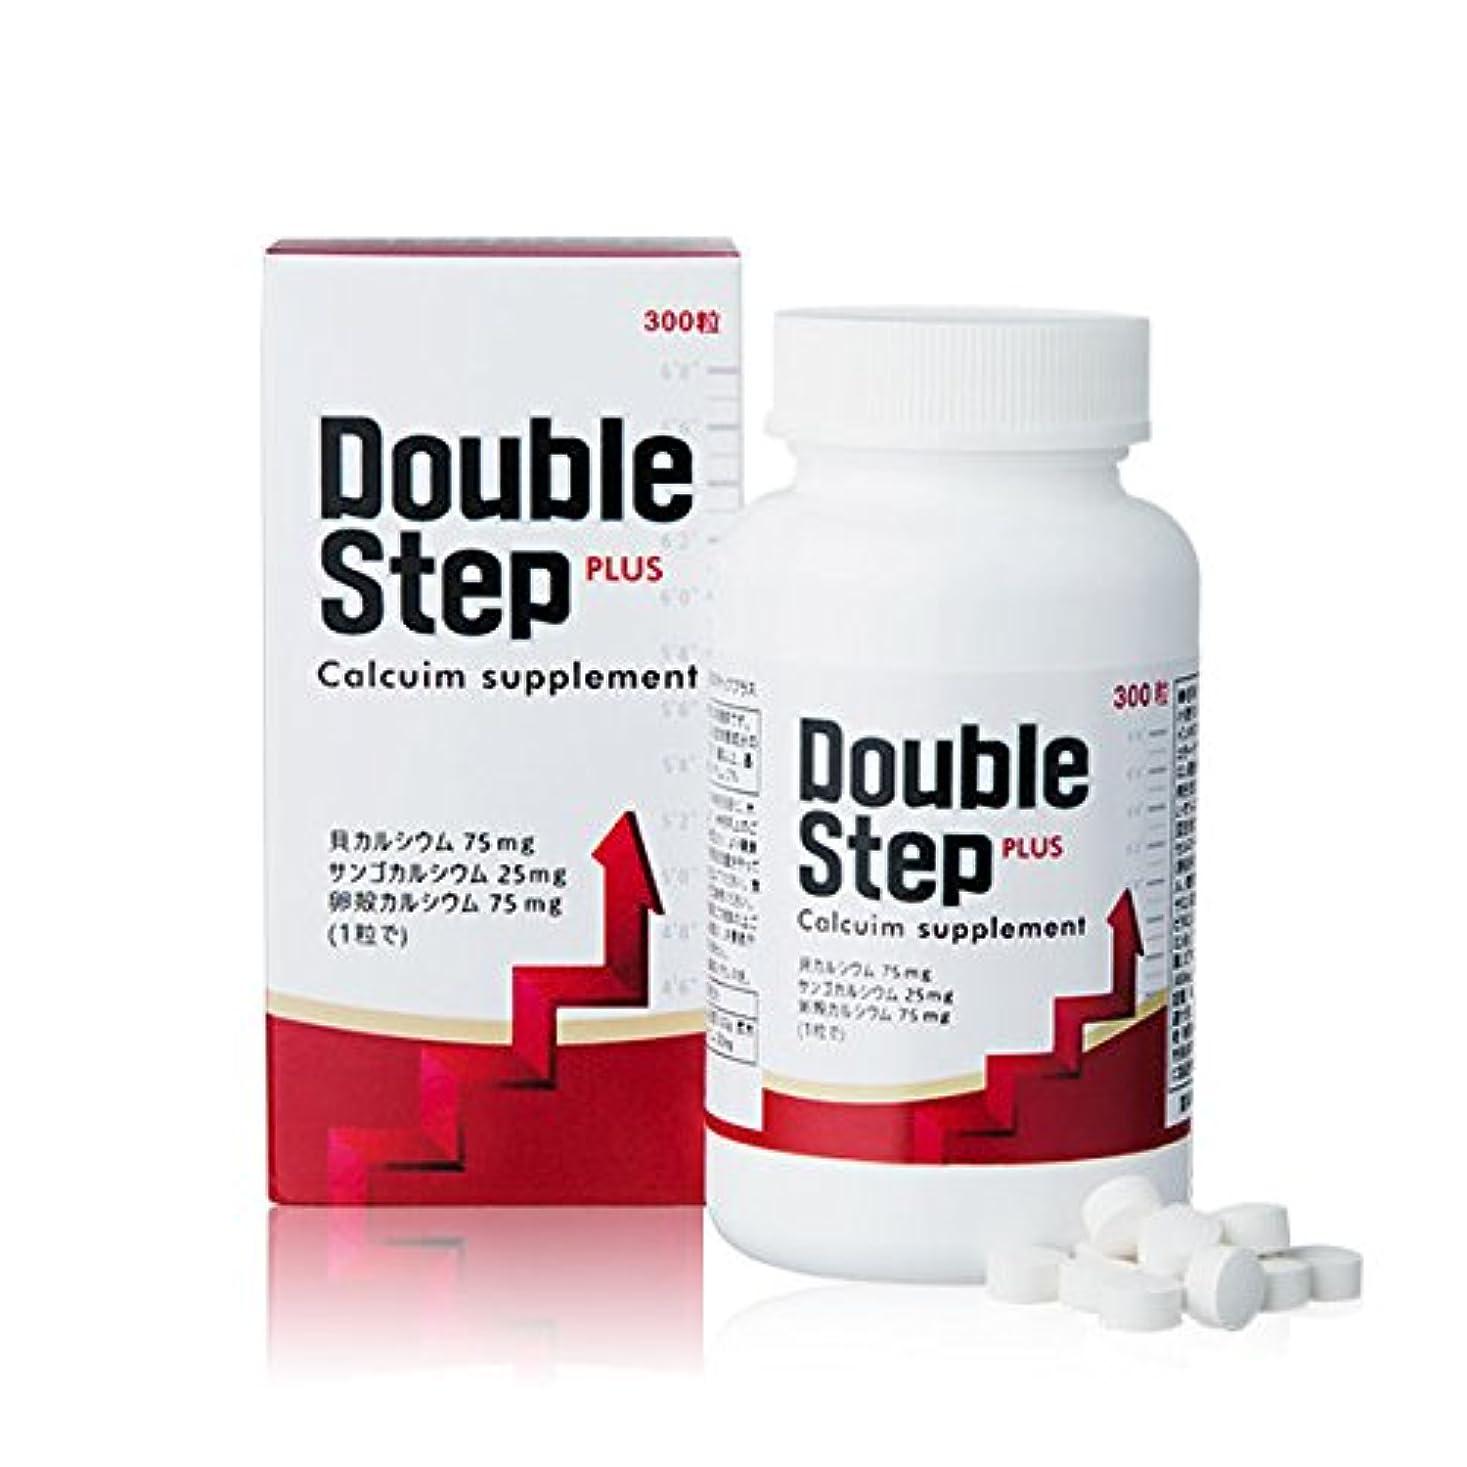 背骨ピンポイント感動するダブルステップ プラス DOUBLE STEP PLUS カルシウム サプリメント